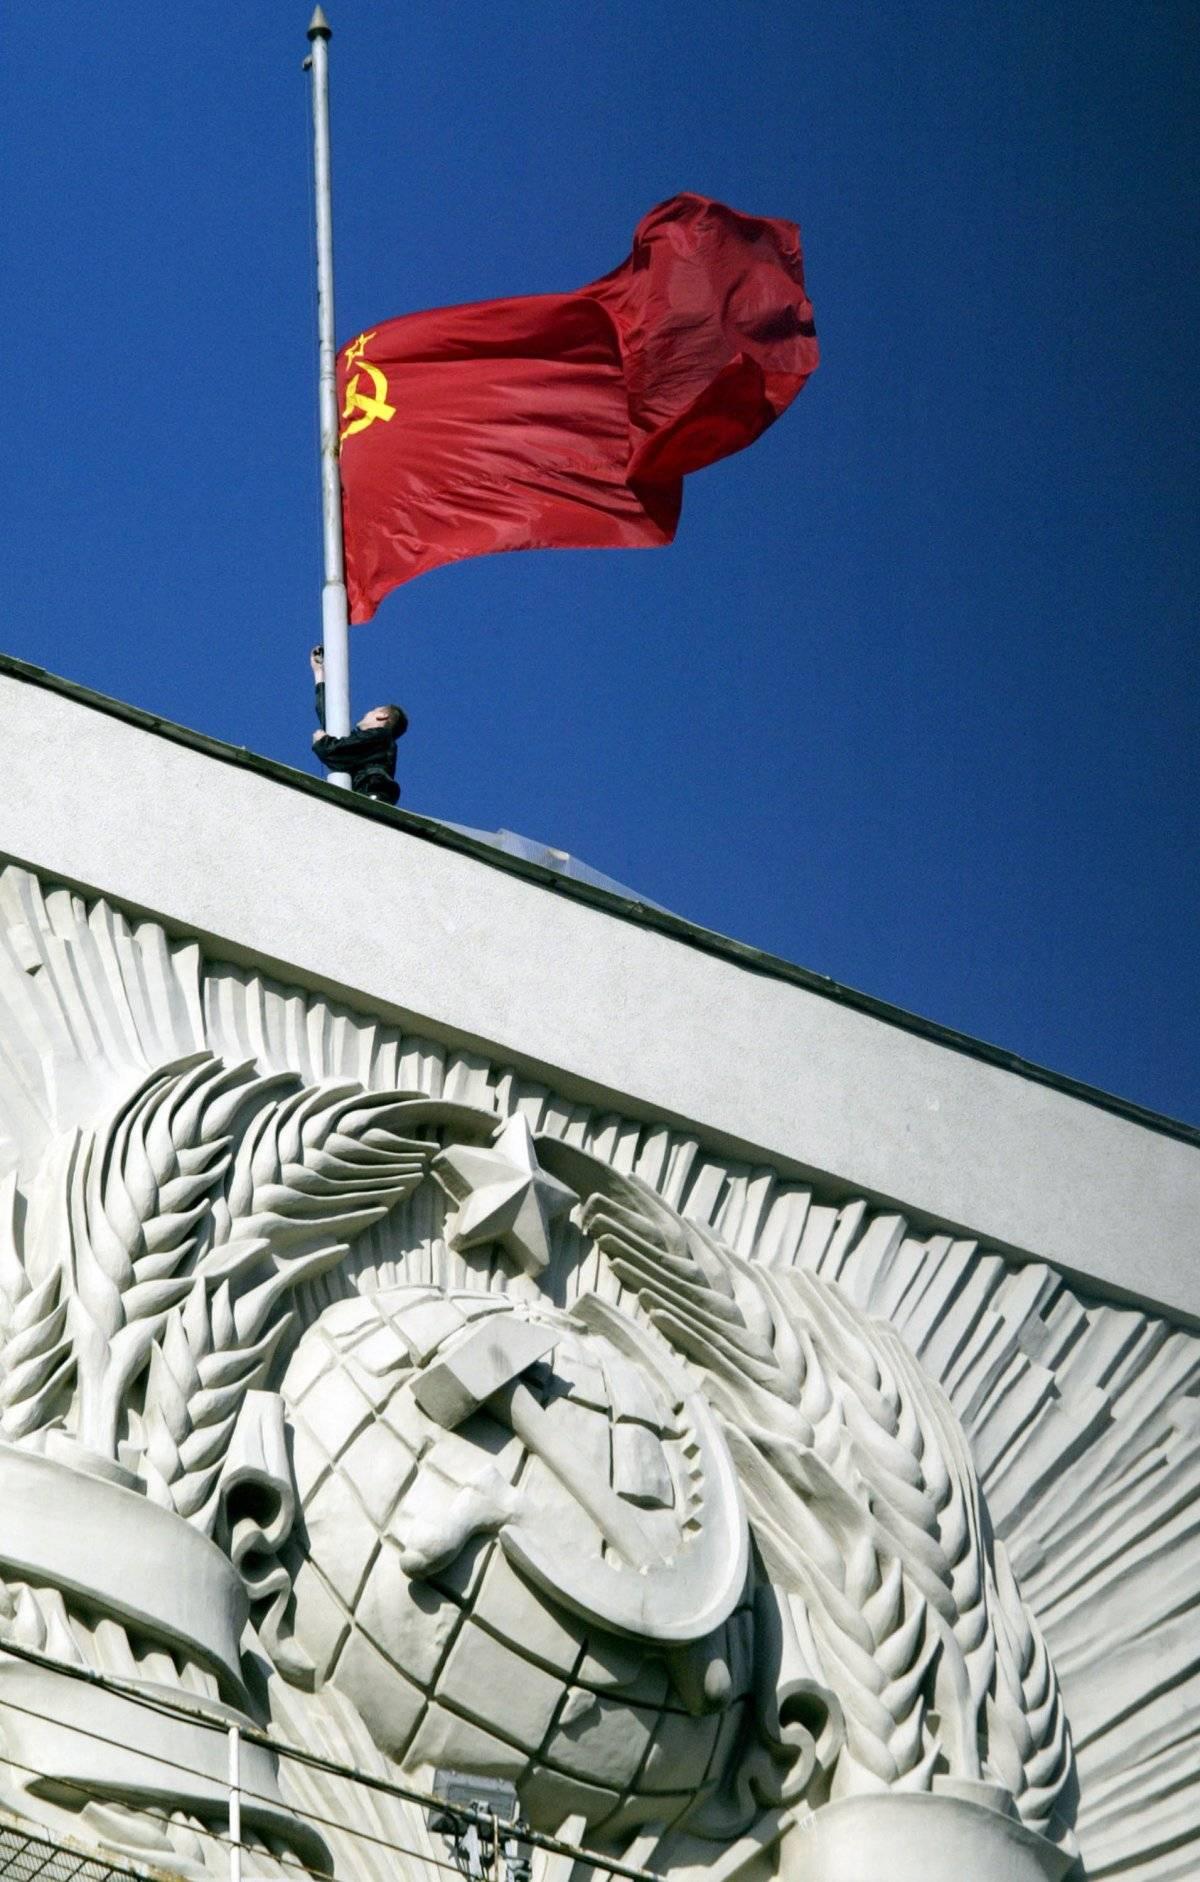 La bandera soviética flamea sobre la Duma Estatal el 7 de noviembre de 2003, dos años antes de que Putin suspendiera las conmemoraciones de la Revolución Rusa.